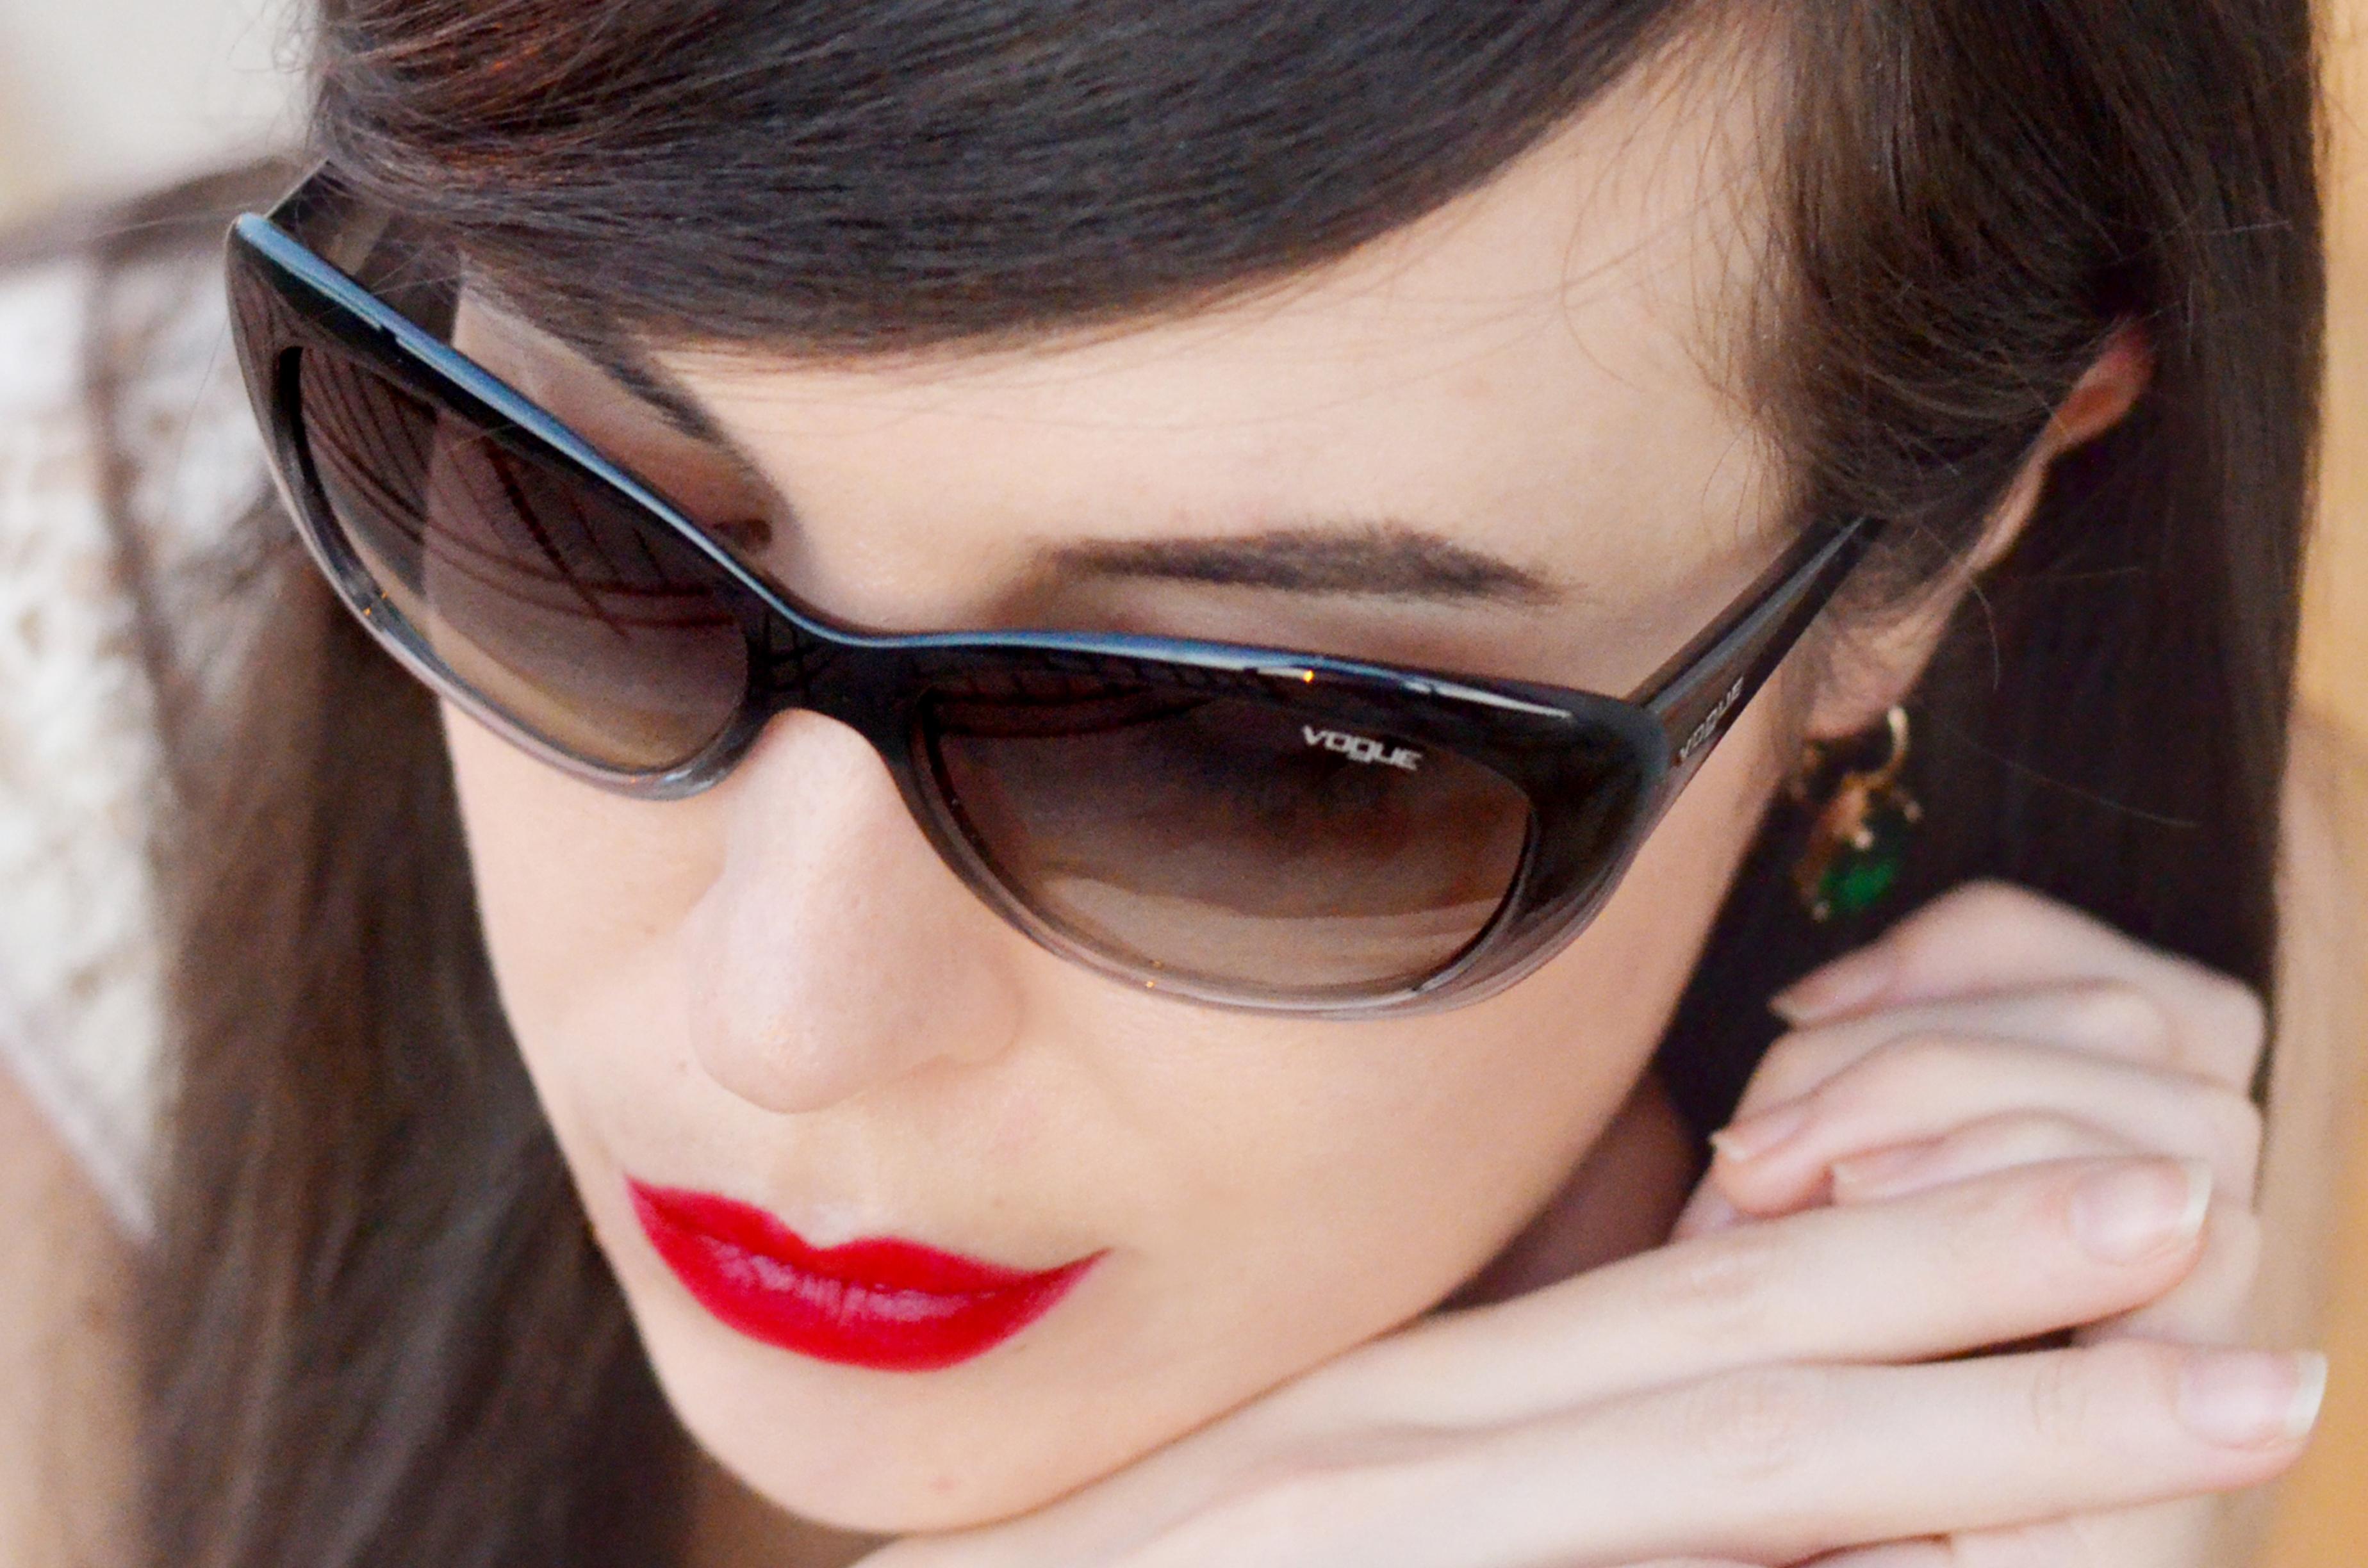 Migliori occhiali da sole per viso ovale petite renato for Pubblicita occhiali da sole